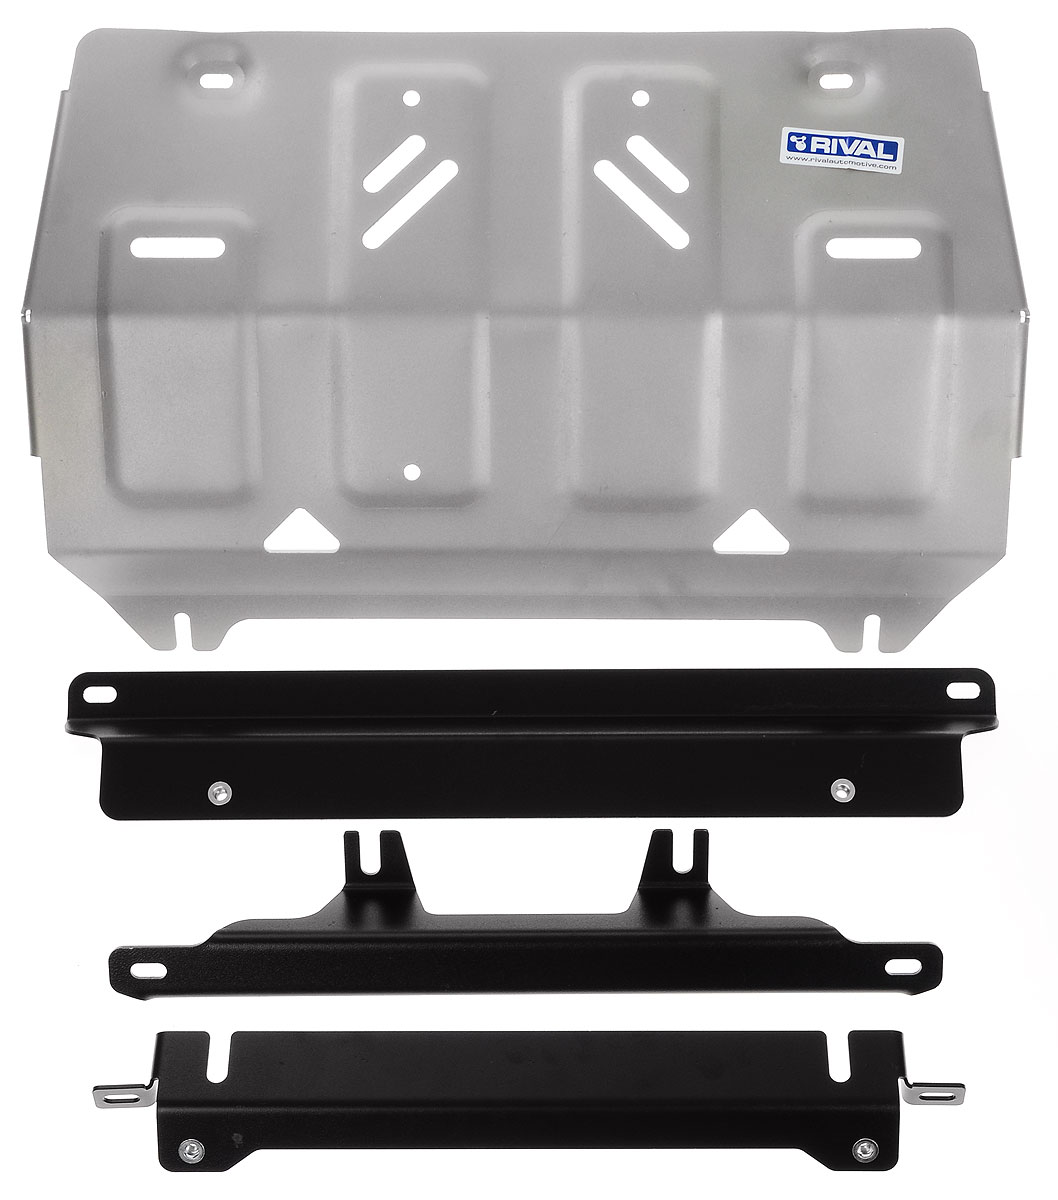 Защита картера Rival, для Mitsubishi L200. 333.4040.1111.01850.1Защита радиатора для Mitsubishi L200 4WD , V - 2,4DID; 2,4DID H.P. 2015-, крепеж в комплекте, алюминий 4 мм, Rival. Надежно защищают днище вашего автомобиля от повреждений, например при наезде на бордюры, а также выполняют эстетическую функцию при установке на высокие автомобили.- Толщина алюминиевых защит в 2 раза толще стальных, а вес при этом меньше до 30%.- Отлично отводит тепло от двигателя своей поверхностью, что спасает двигатель от перегрева в летний период или при высоких нагрузках.- В отличие от стальных, алюминиевые защиты не поддаются коррозии, что гарантирует срок службы защит более 5 лет.- Покрываются порошковой краской, что надолго сохраняет первоначальный вид новой защиты и защищает от гальванической коррозии.- Глубокий штамп дополнительно усиливает конструкцию защиты.- Подштамповка в местах крепления защищает крепеж от срезания.- Технологические отверстия там, где они необходимы для смены масла и слива воды, оборудованные заглушками, надежно закрепленными на защите.Уважаемые клиенты!Обращаем ваше внимание, на тот факт, что защита имеет форму, соответствующую модели данного автомобиля. Фото служит для визуального восприятия товара.